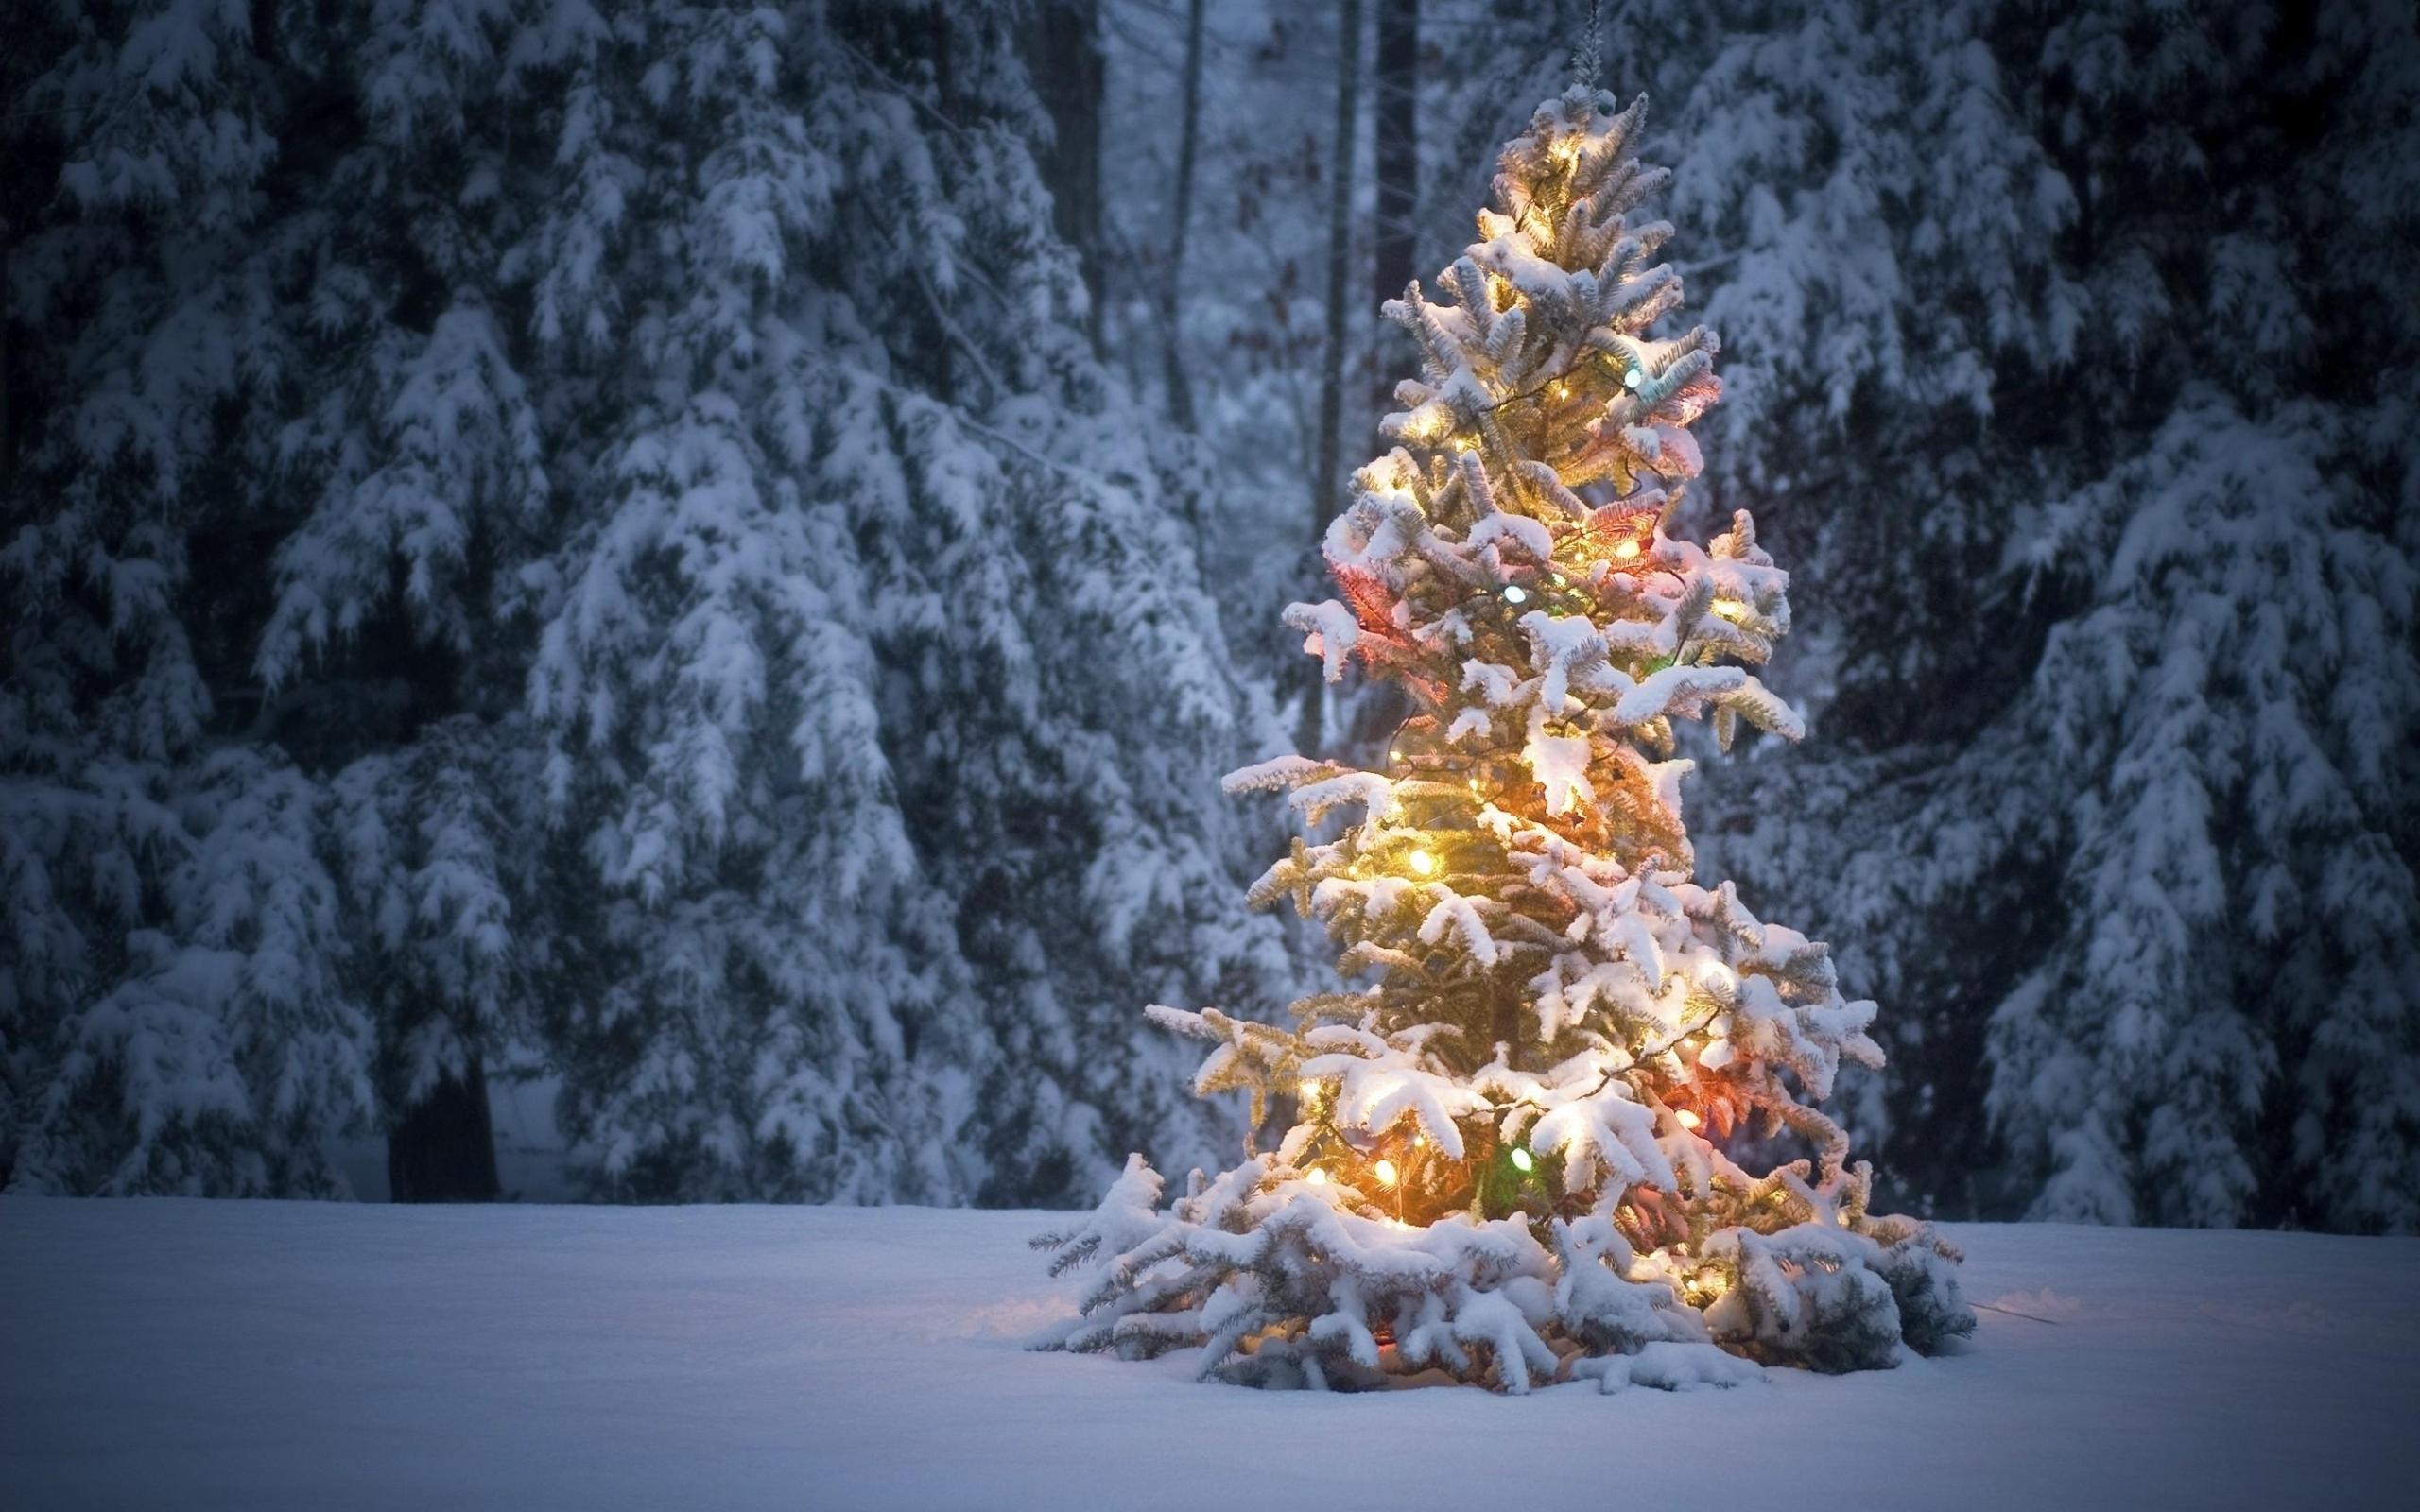 фото елки в зимнем лесу открытки неужели хочется